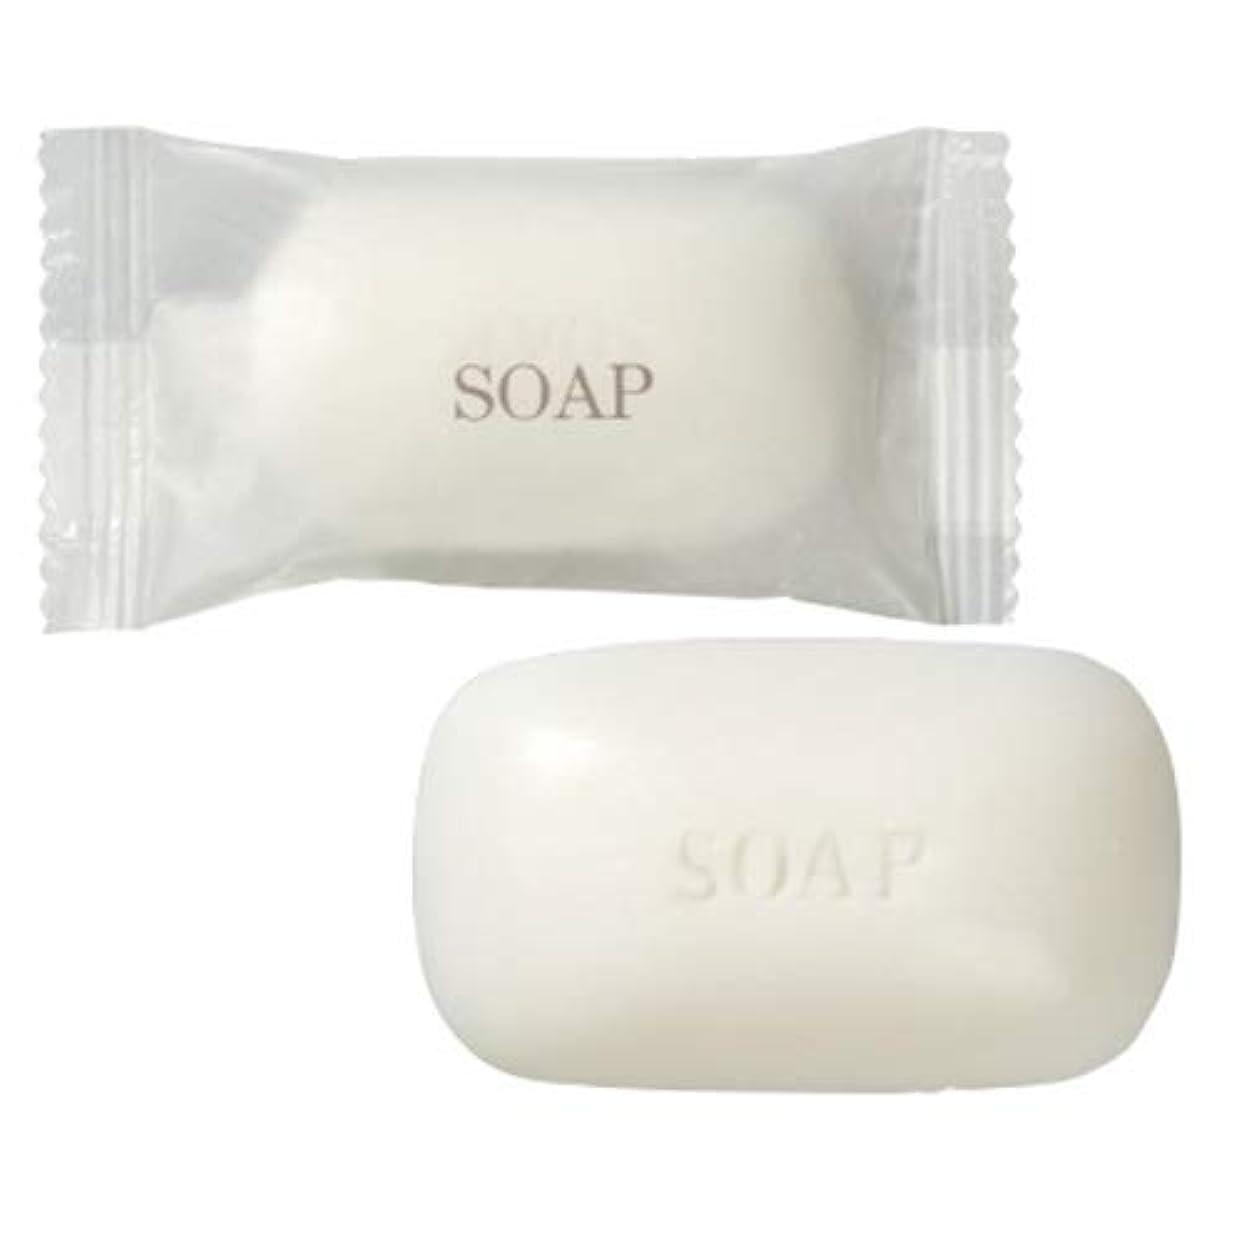 業務用 フィードソープ(FEED SOAP) マット袋(M袋) 15g ×5個 | ホテルアメニティ 個包装